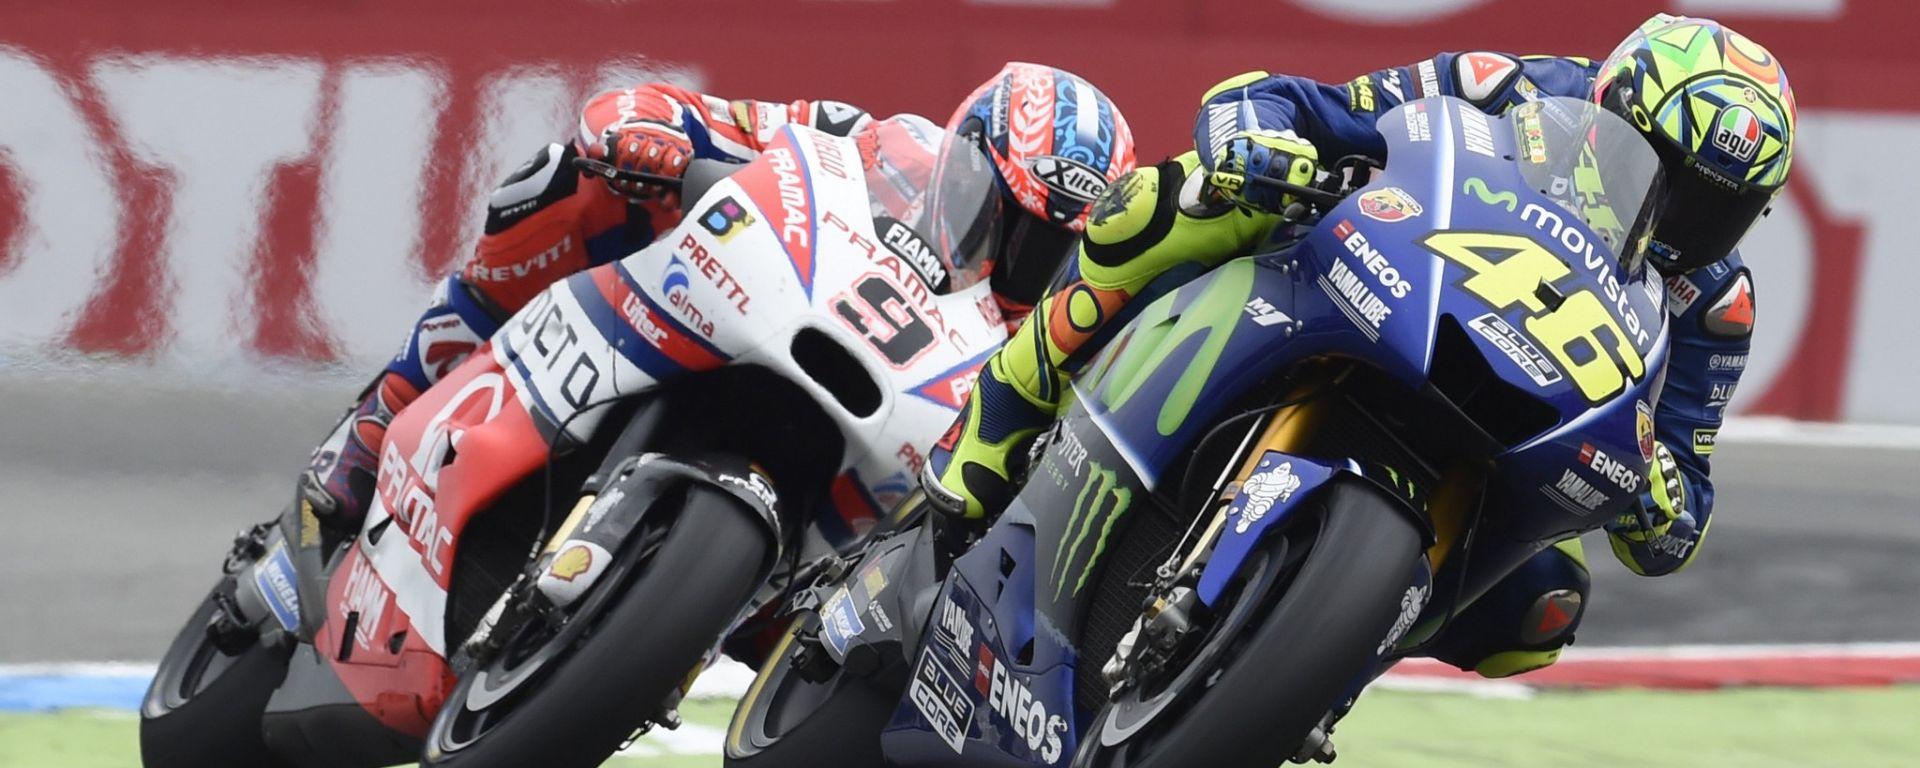 MotoGP Assen 2017: le pagelle dell'Olanda